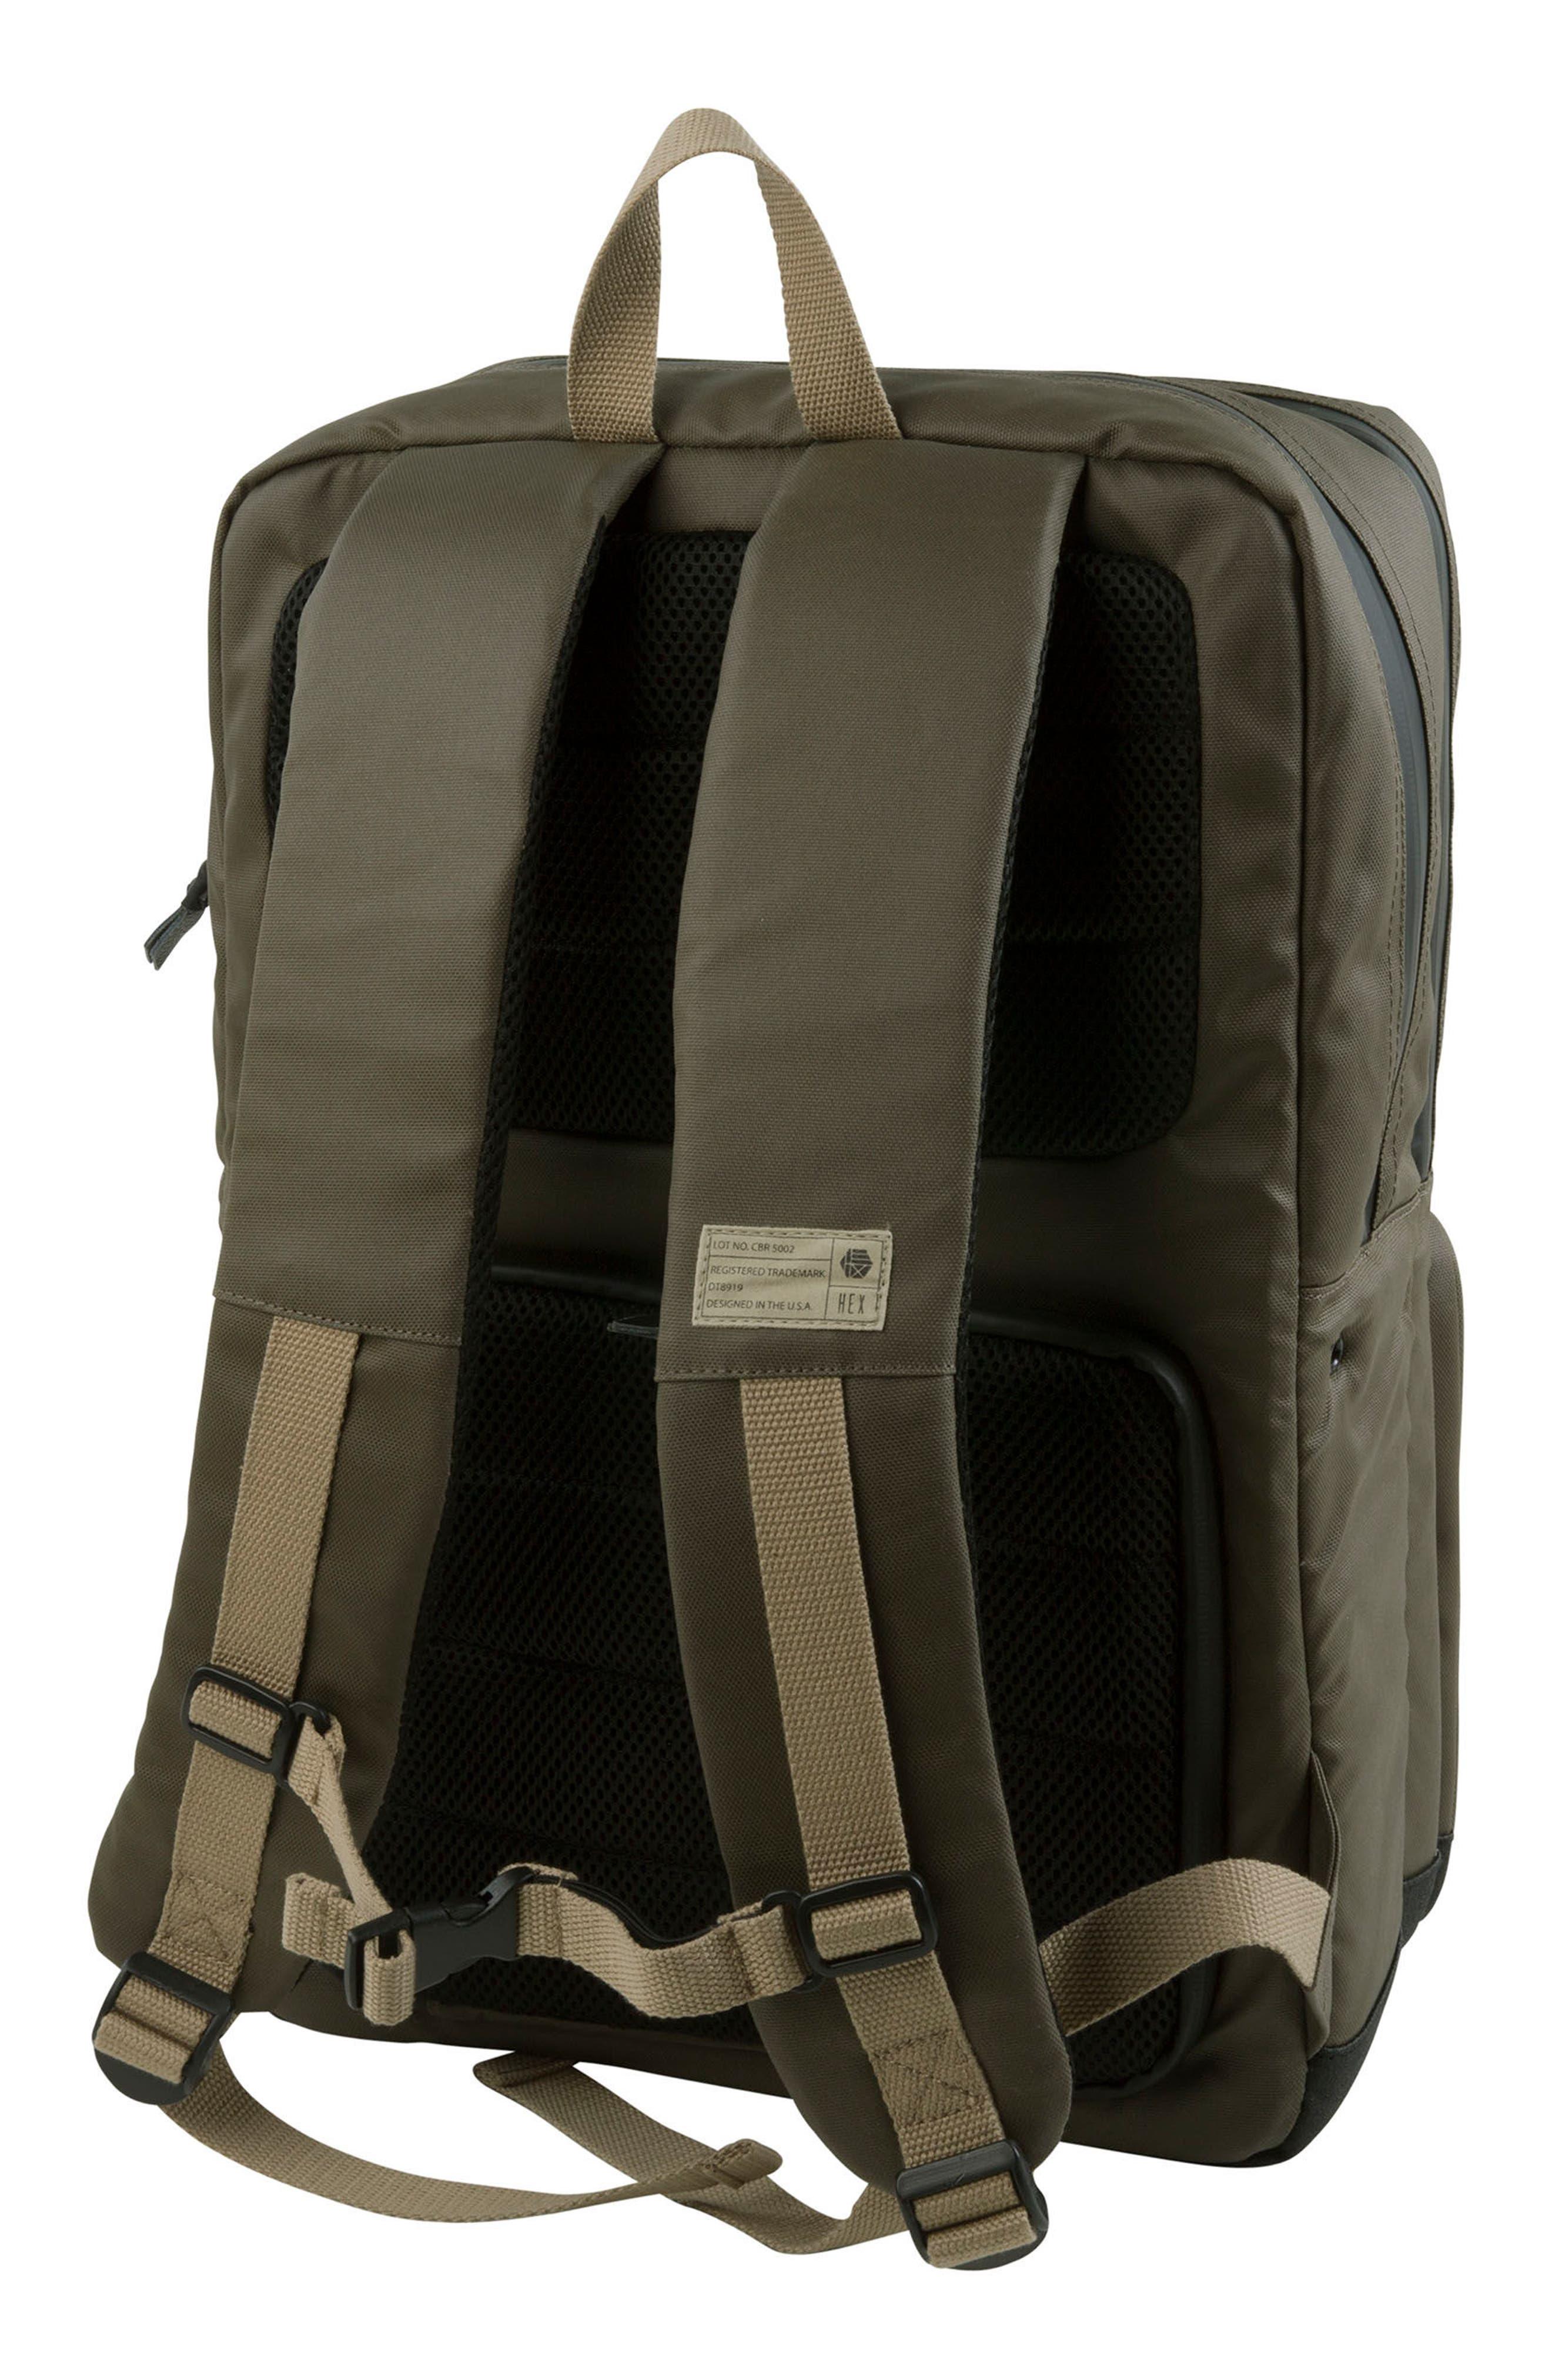 Sneaker Backpack,                             Alternate thumbnail 2, color,                             350